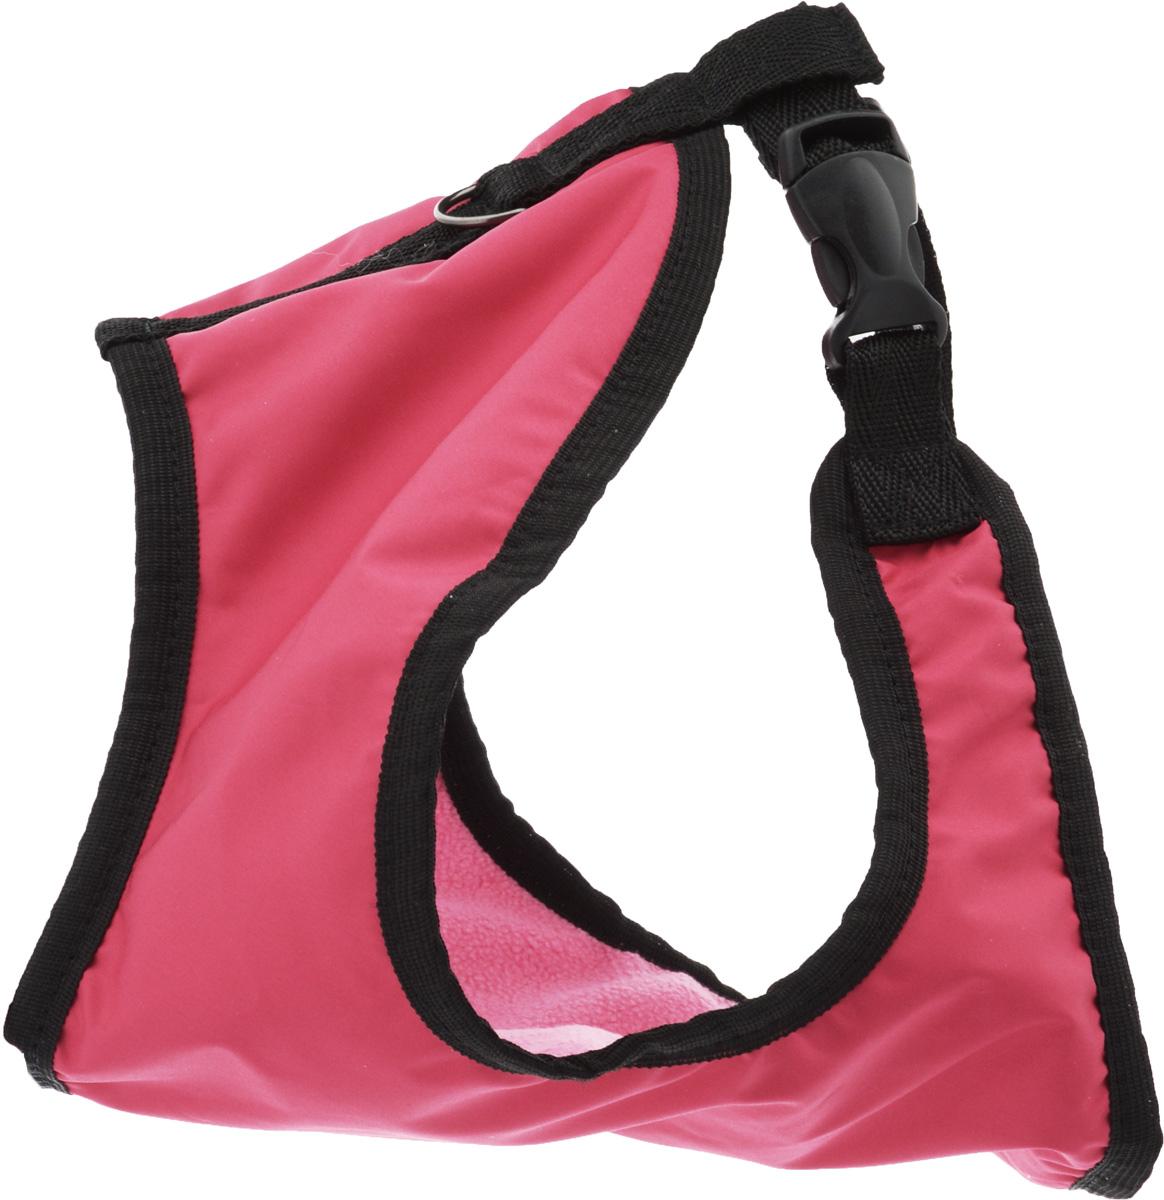 Шлейка для собак ЗооМарк, цвет: розовый, светло-розовый флис, черный. Размер: 3Ш-3_розовыйШлейка для собак ЗооМарк выполнена из оксфорда, а на подкладке используется флис. Изделие оснащено специальным крючком, к которому вы с легкостью сможете прикрепить поводок. Шлейка имеет застежку фастекс и регулируется при помощи пряжки. Шлейка - это альтернатива ошейнику. Правильно подобранная шлейка не стесняет движения питомца, не натирает кожу, поэтому животное чувствует себя в ней уверенно и комфортно. Изделие отличается высоким качеством, удобством и универсальностью. Обхват груди: 25-30 см. Длина спинки: 17 см. Ширина ремней: 2 см.